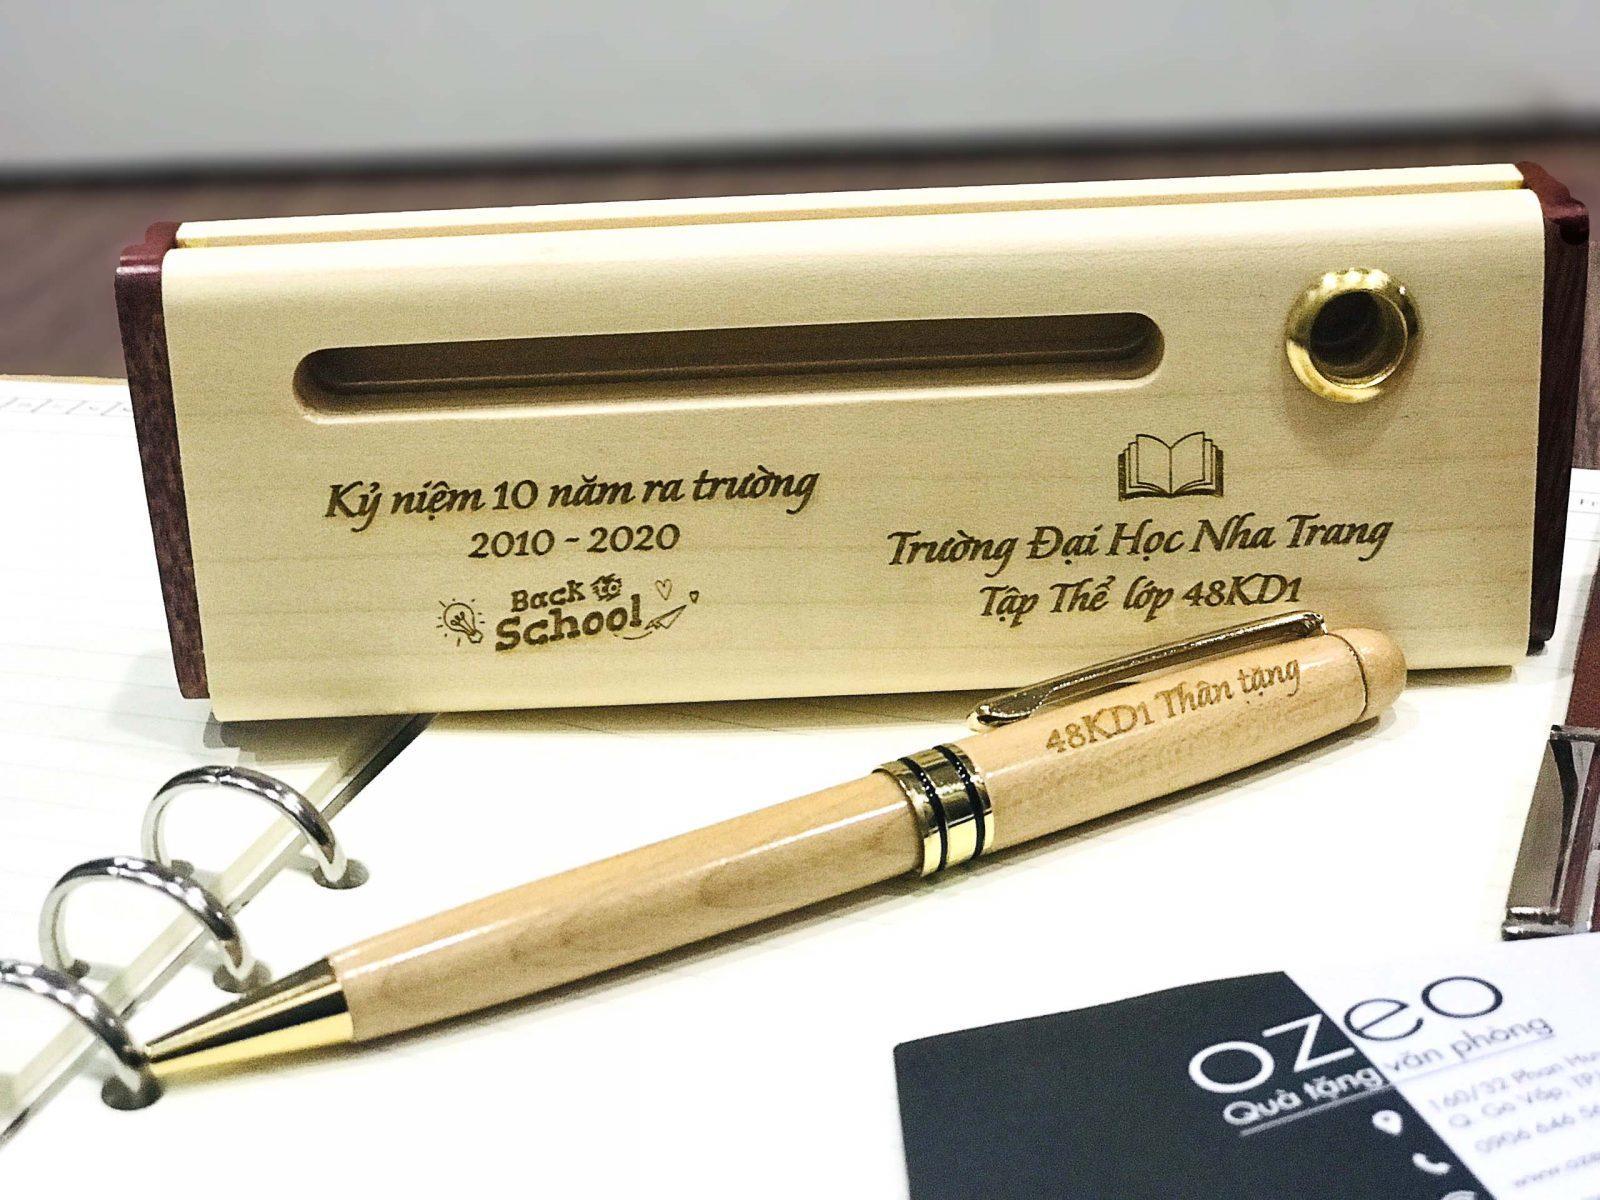 Quà tặng bút gỗ tặng thầy cô giáo cũ - Quà tặng họp lớp kỷ niệm 10 năm ra trường.